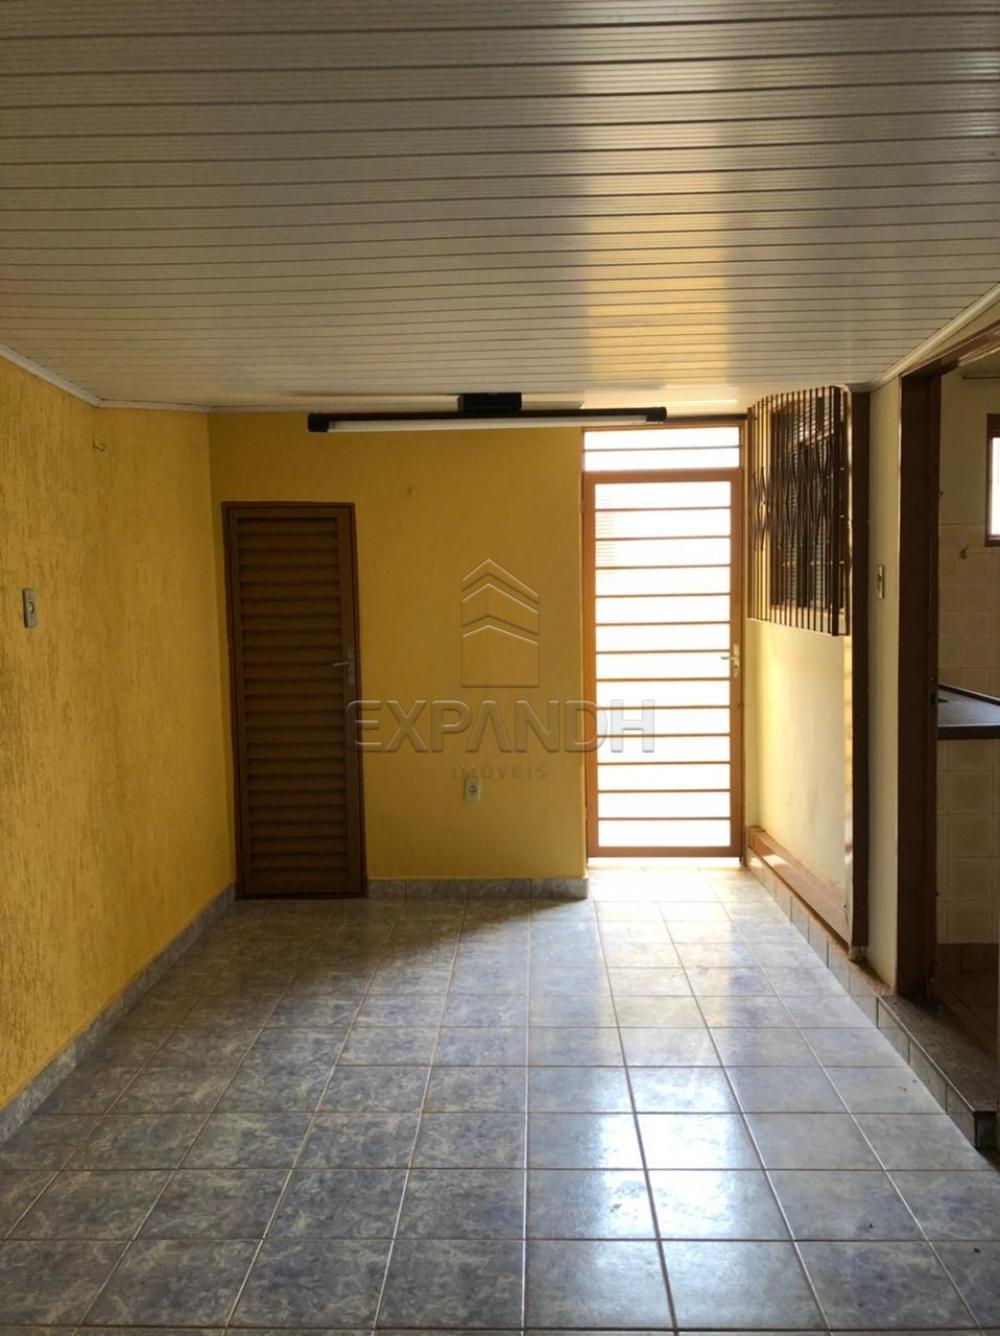 Alugar Casas / Padrão em Sertãozinho R$ 925,00 - Foto 12